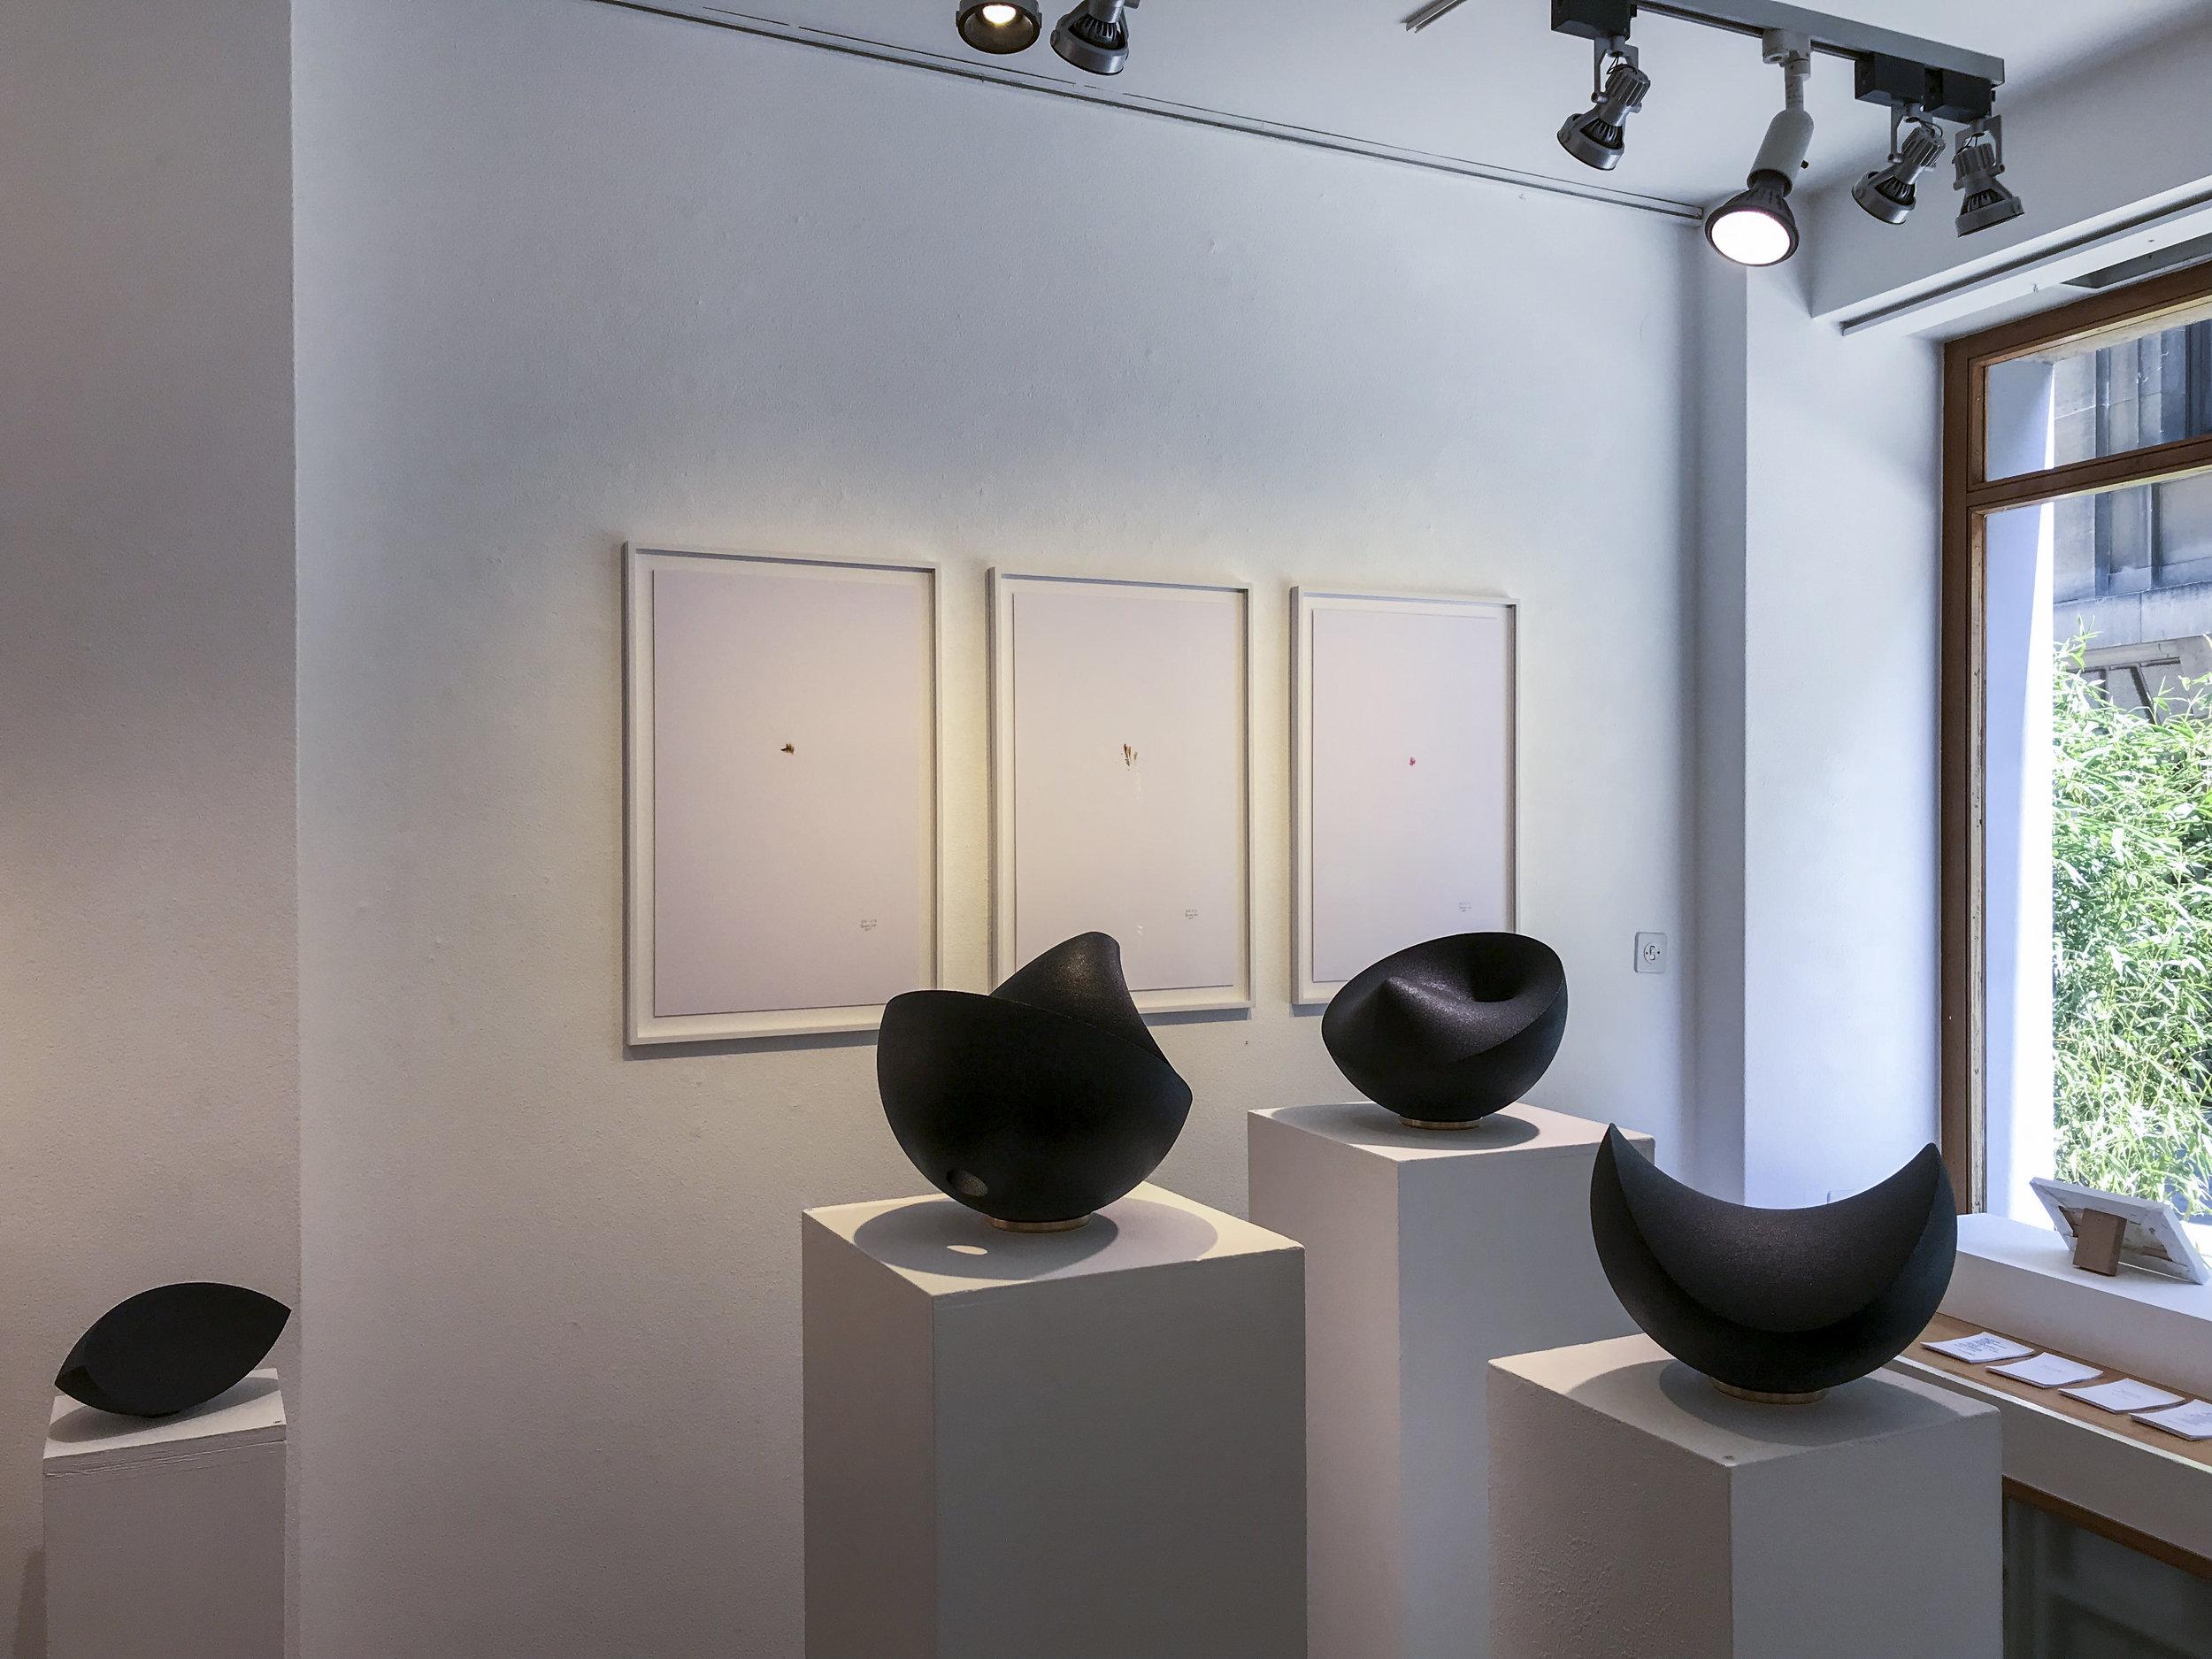 Galerie Eulenspiegel, Basel, Switzerland